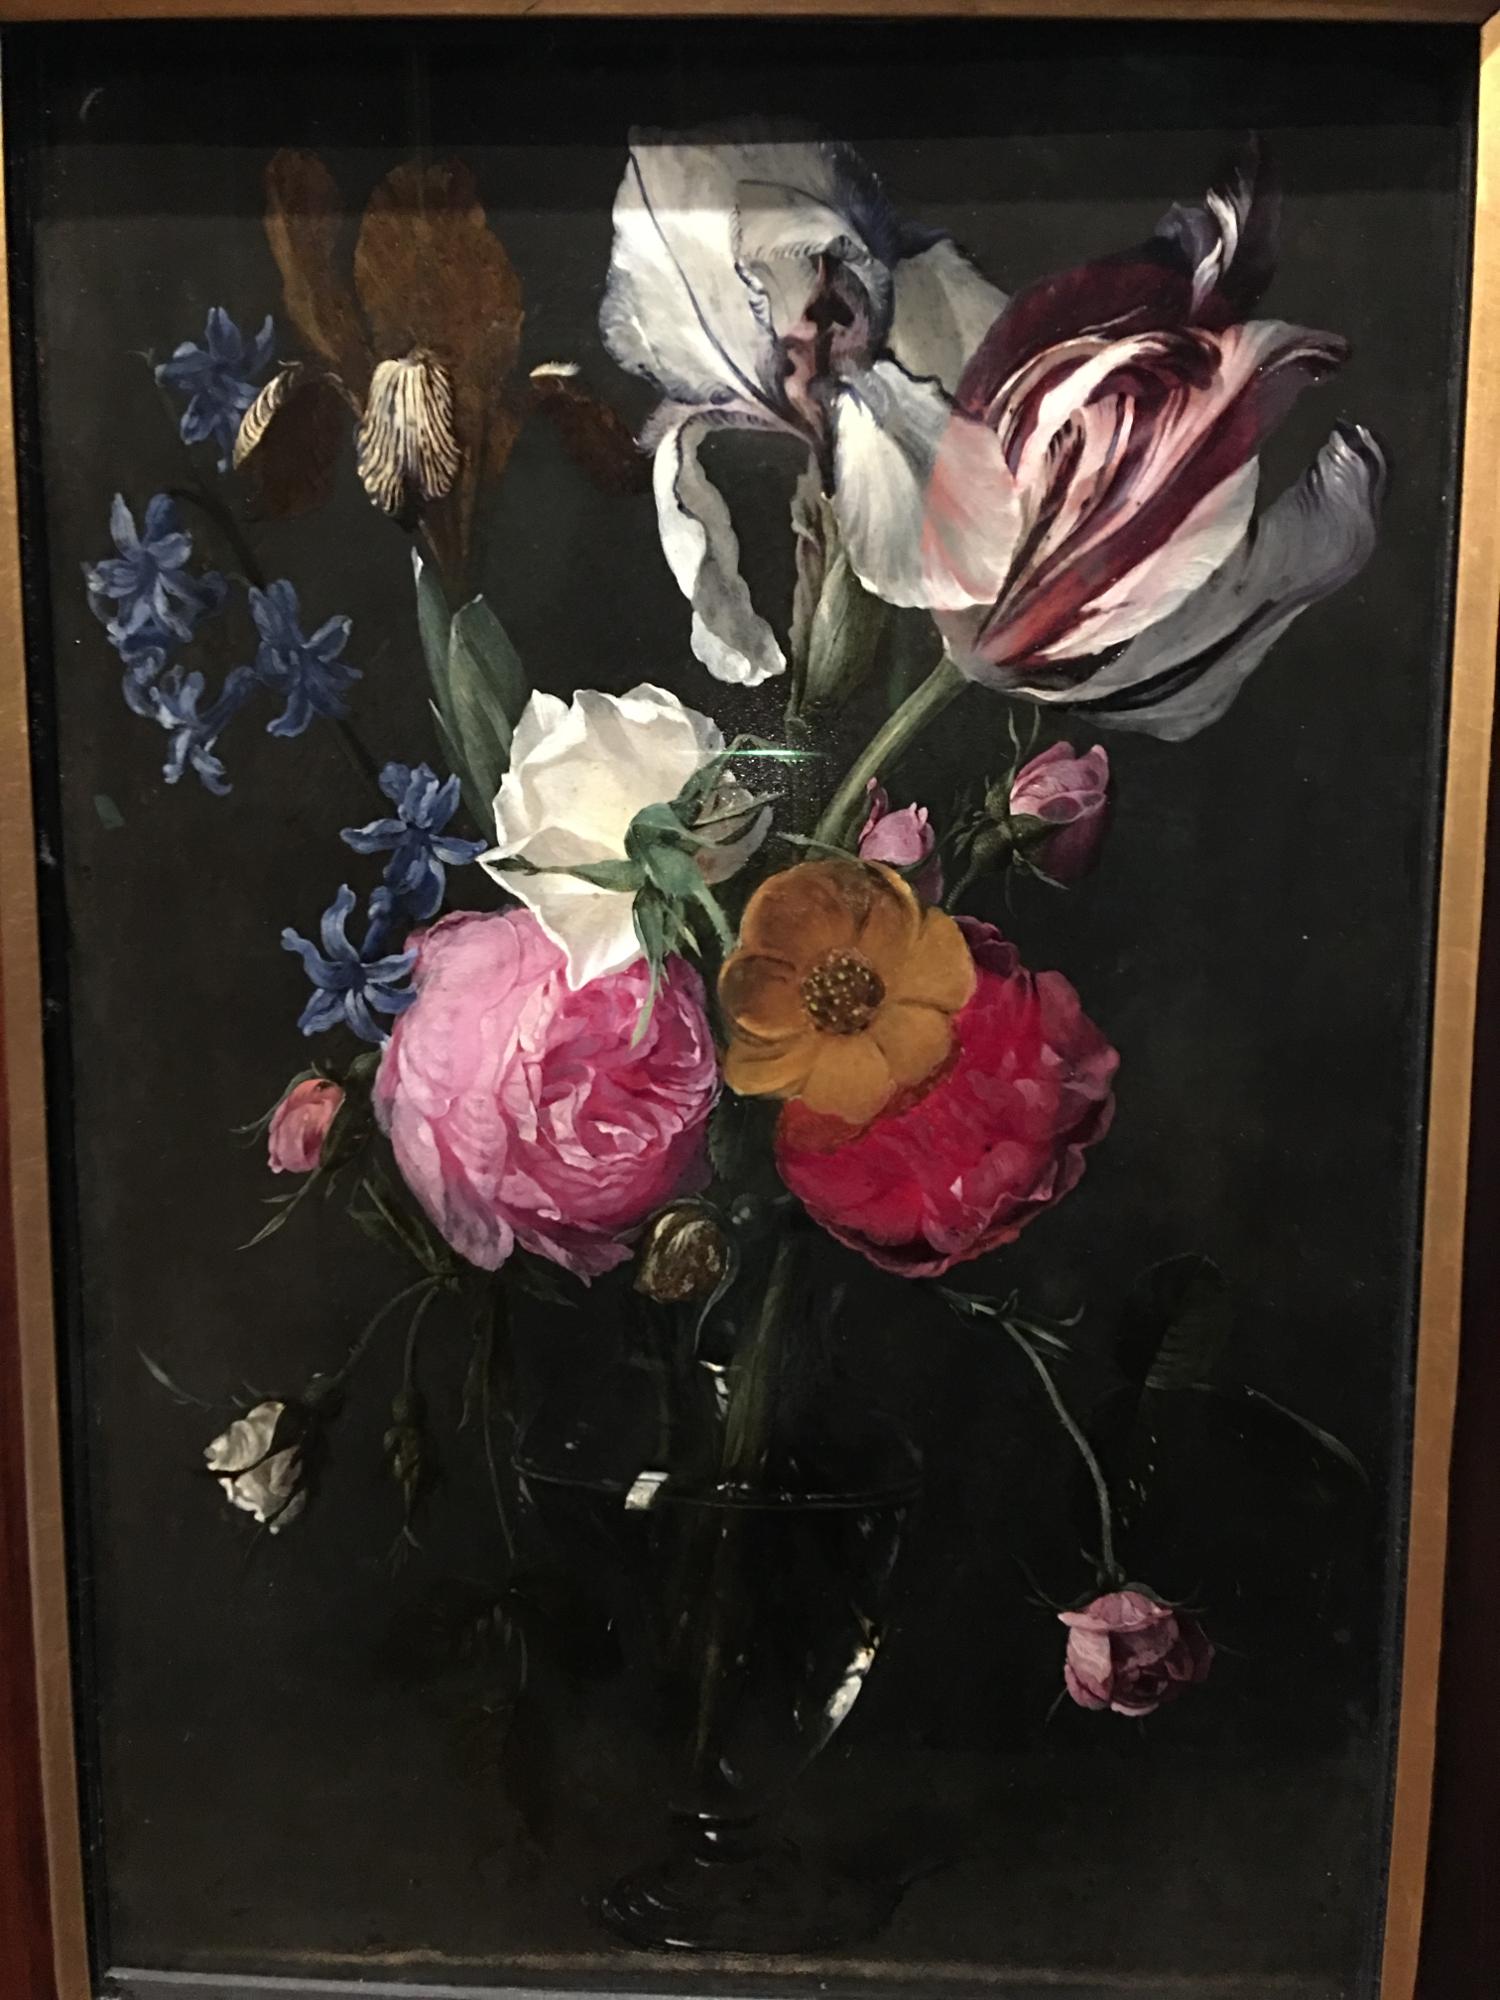 rocaille-blog-museum-fritz-mayer-van-den-bergh-anversa-antwerpen-flander-fiandre-38